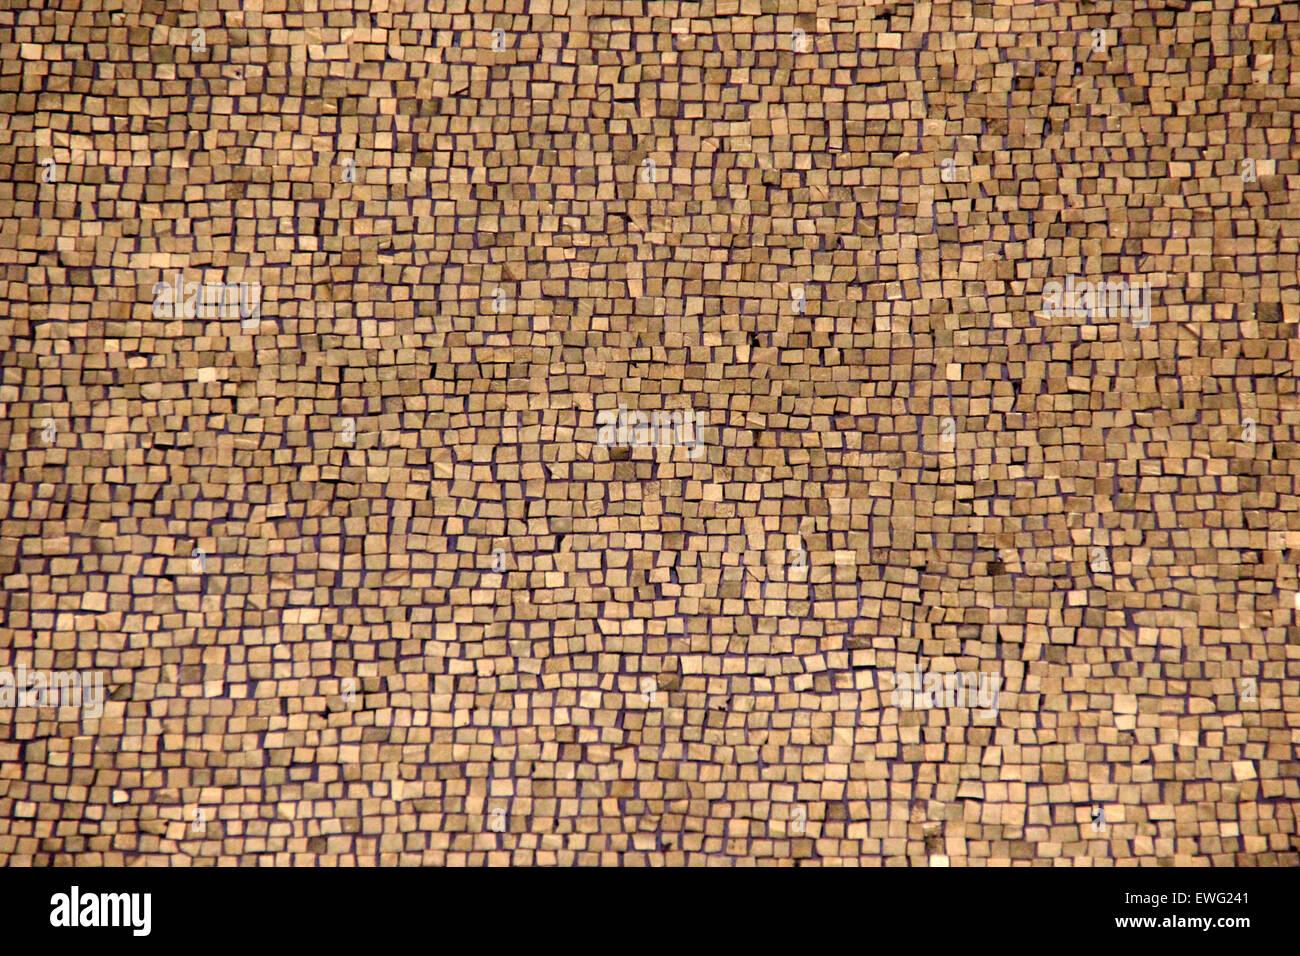 Wood Mosaic Pattern - Stock Image